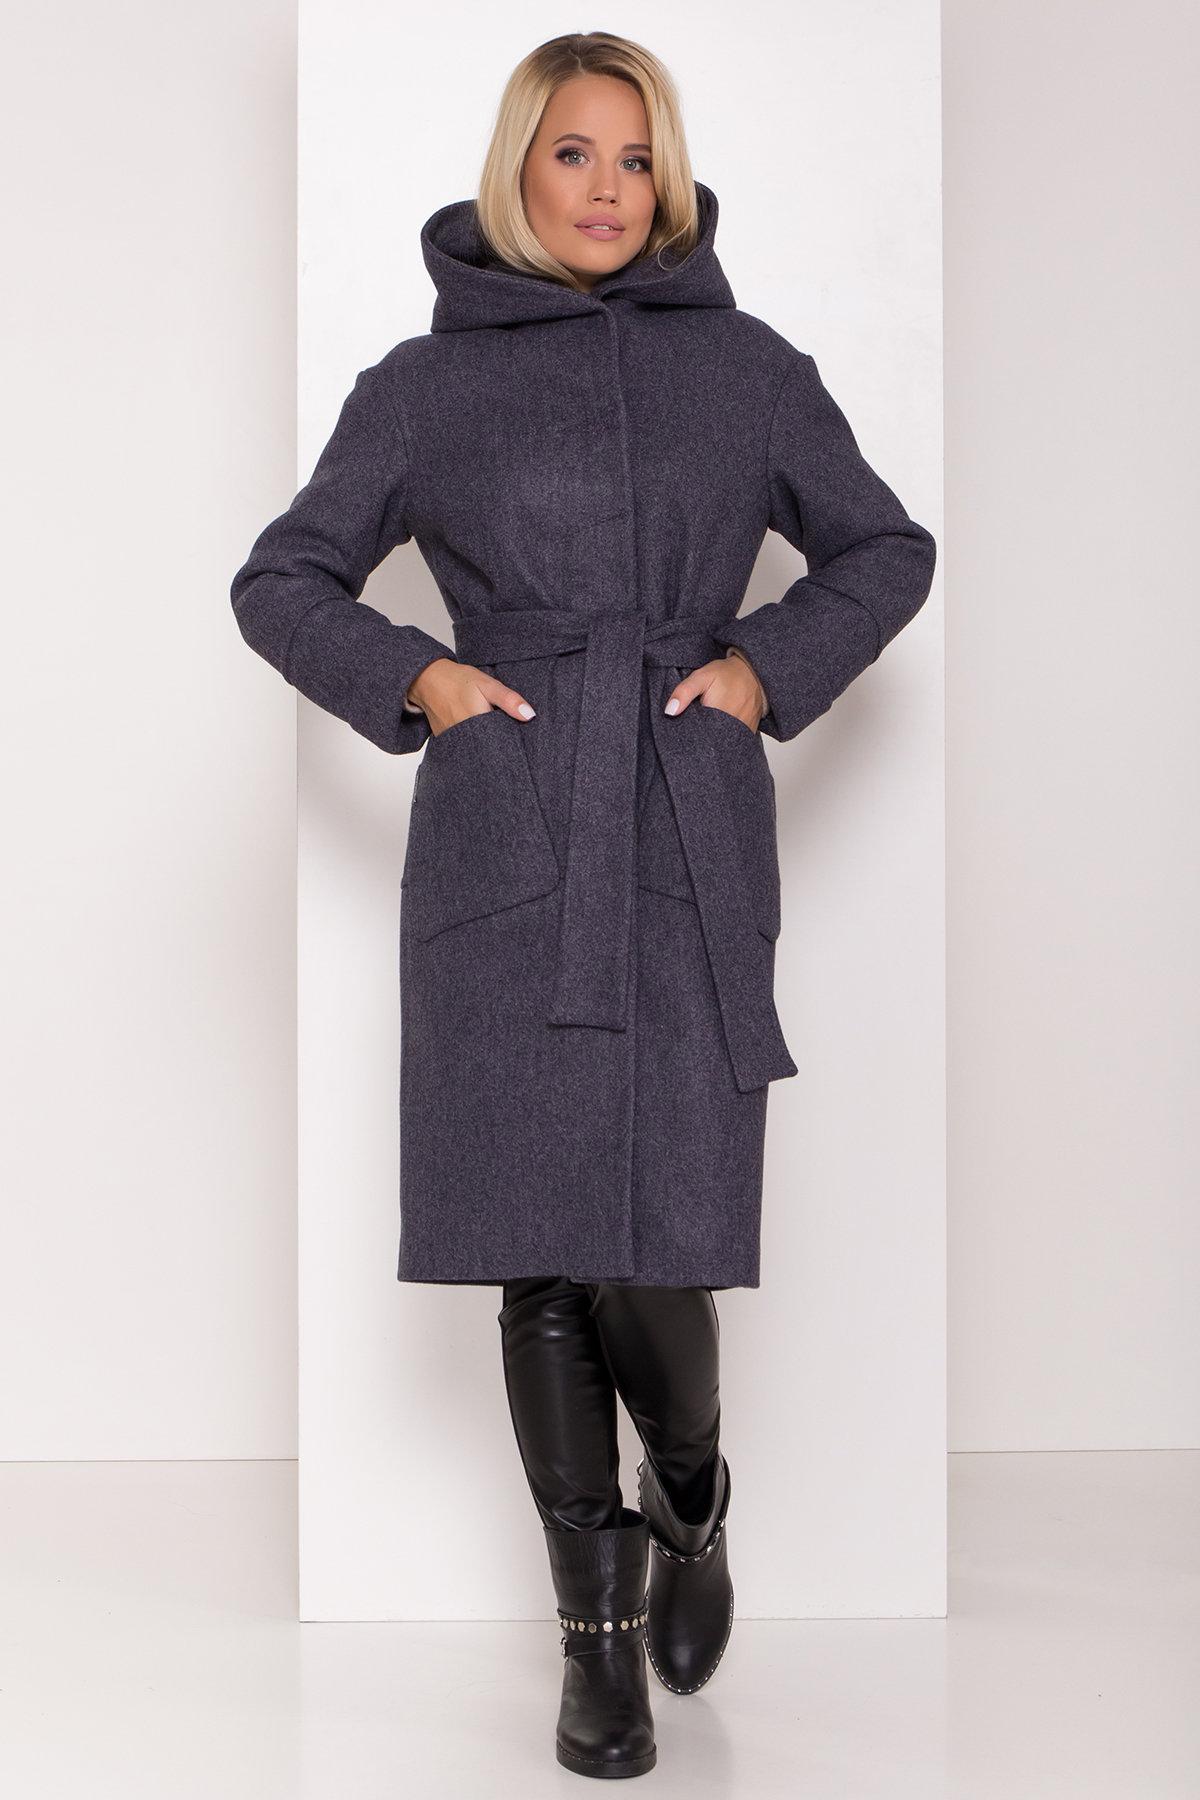 Зимнее пальто женское интернет магазин Украина Утепленное пальто с капюшоном на зиму Анита классик 8213